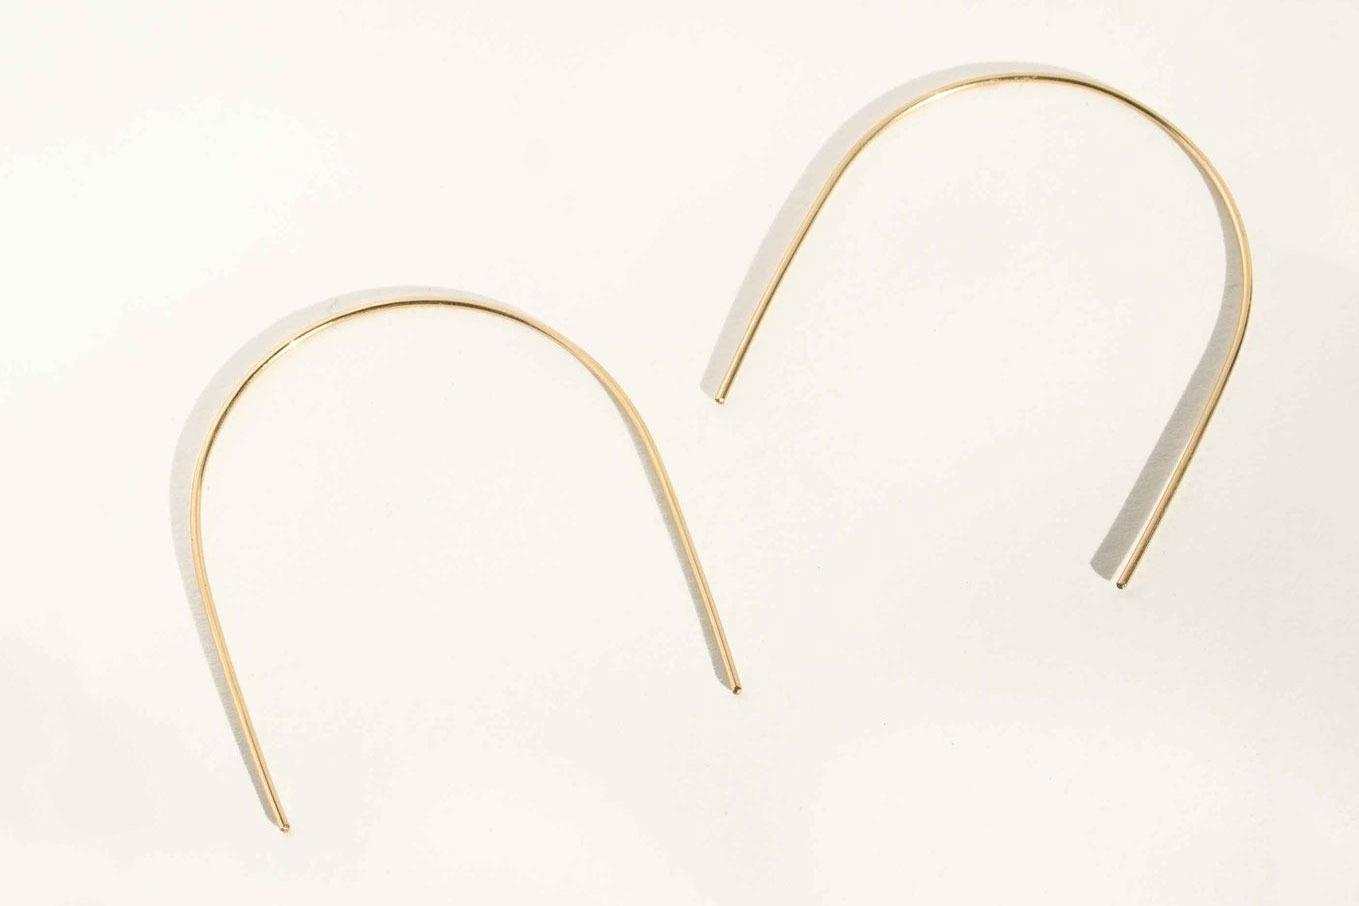 Minoux Open Arch Hoop Earrings